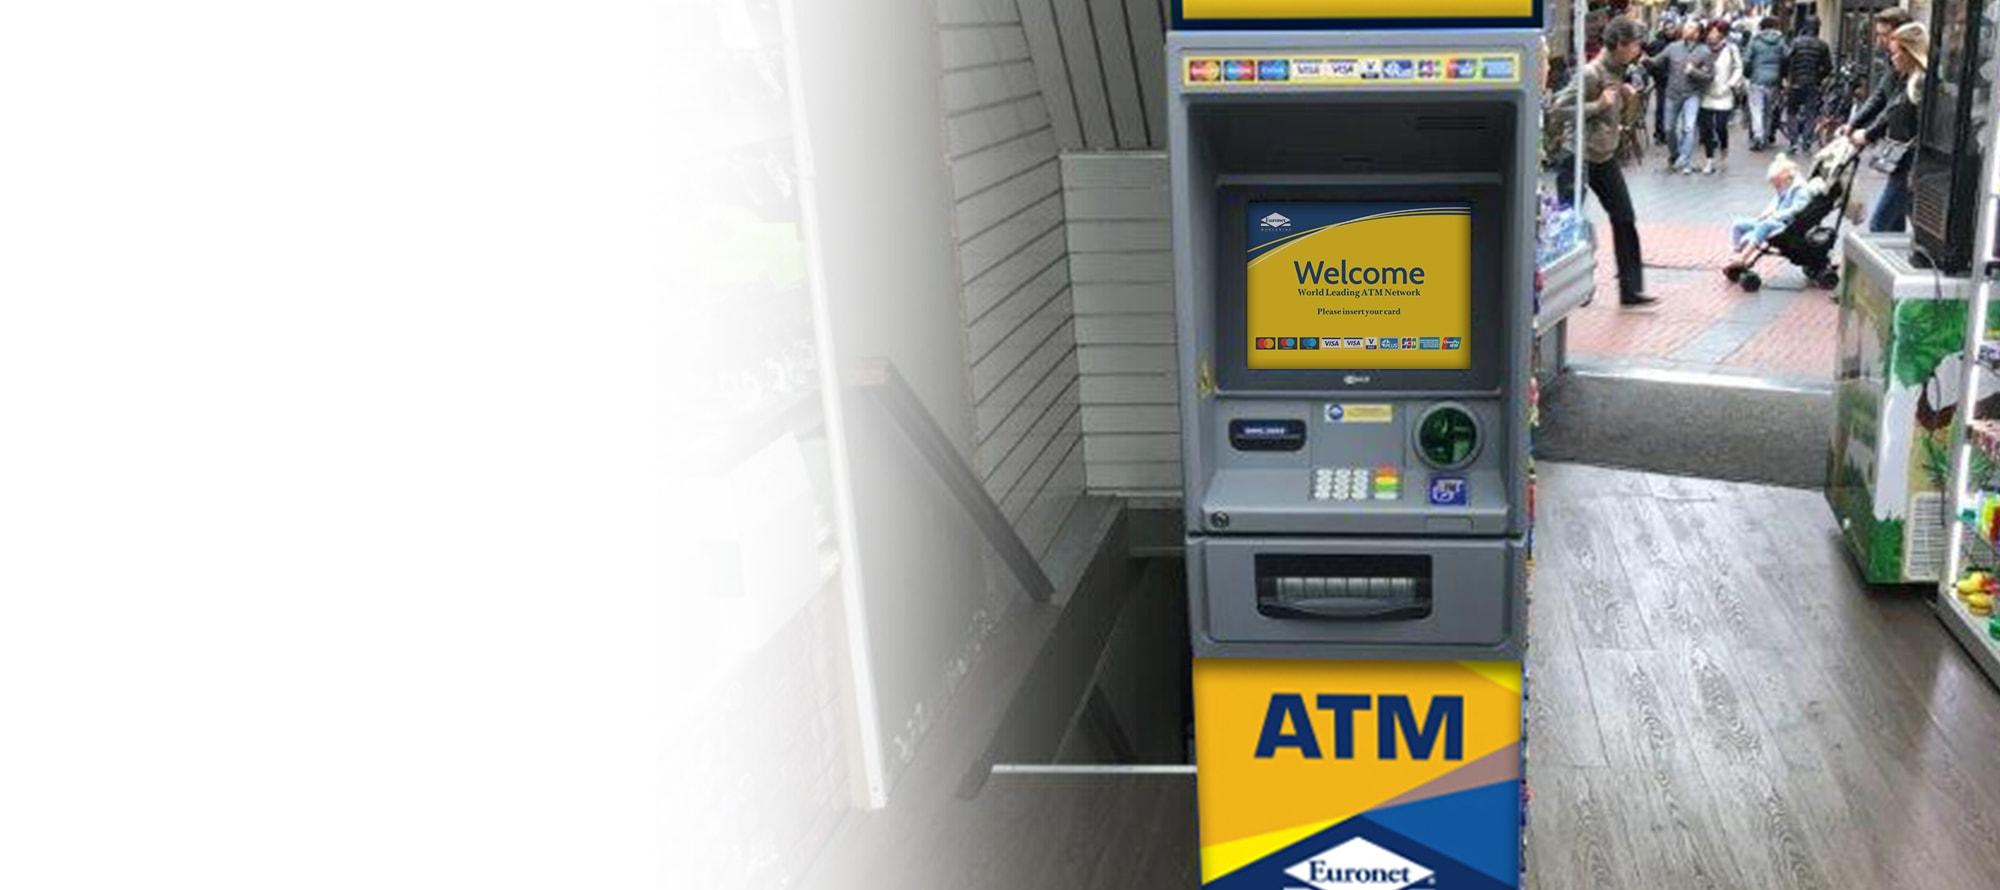 Wij beheren en onderhouden de geldautomaat voor u en wij garanderen de best mogelijke dienstverlening voor uw klanten.